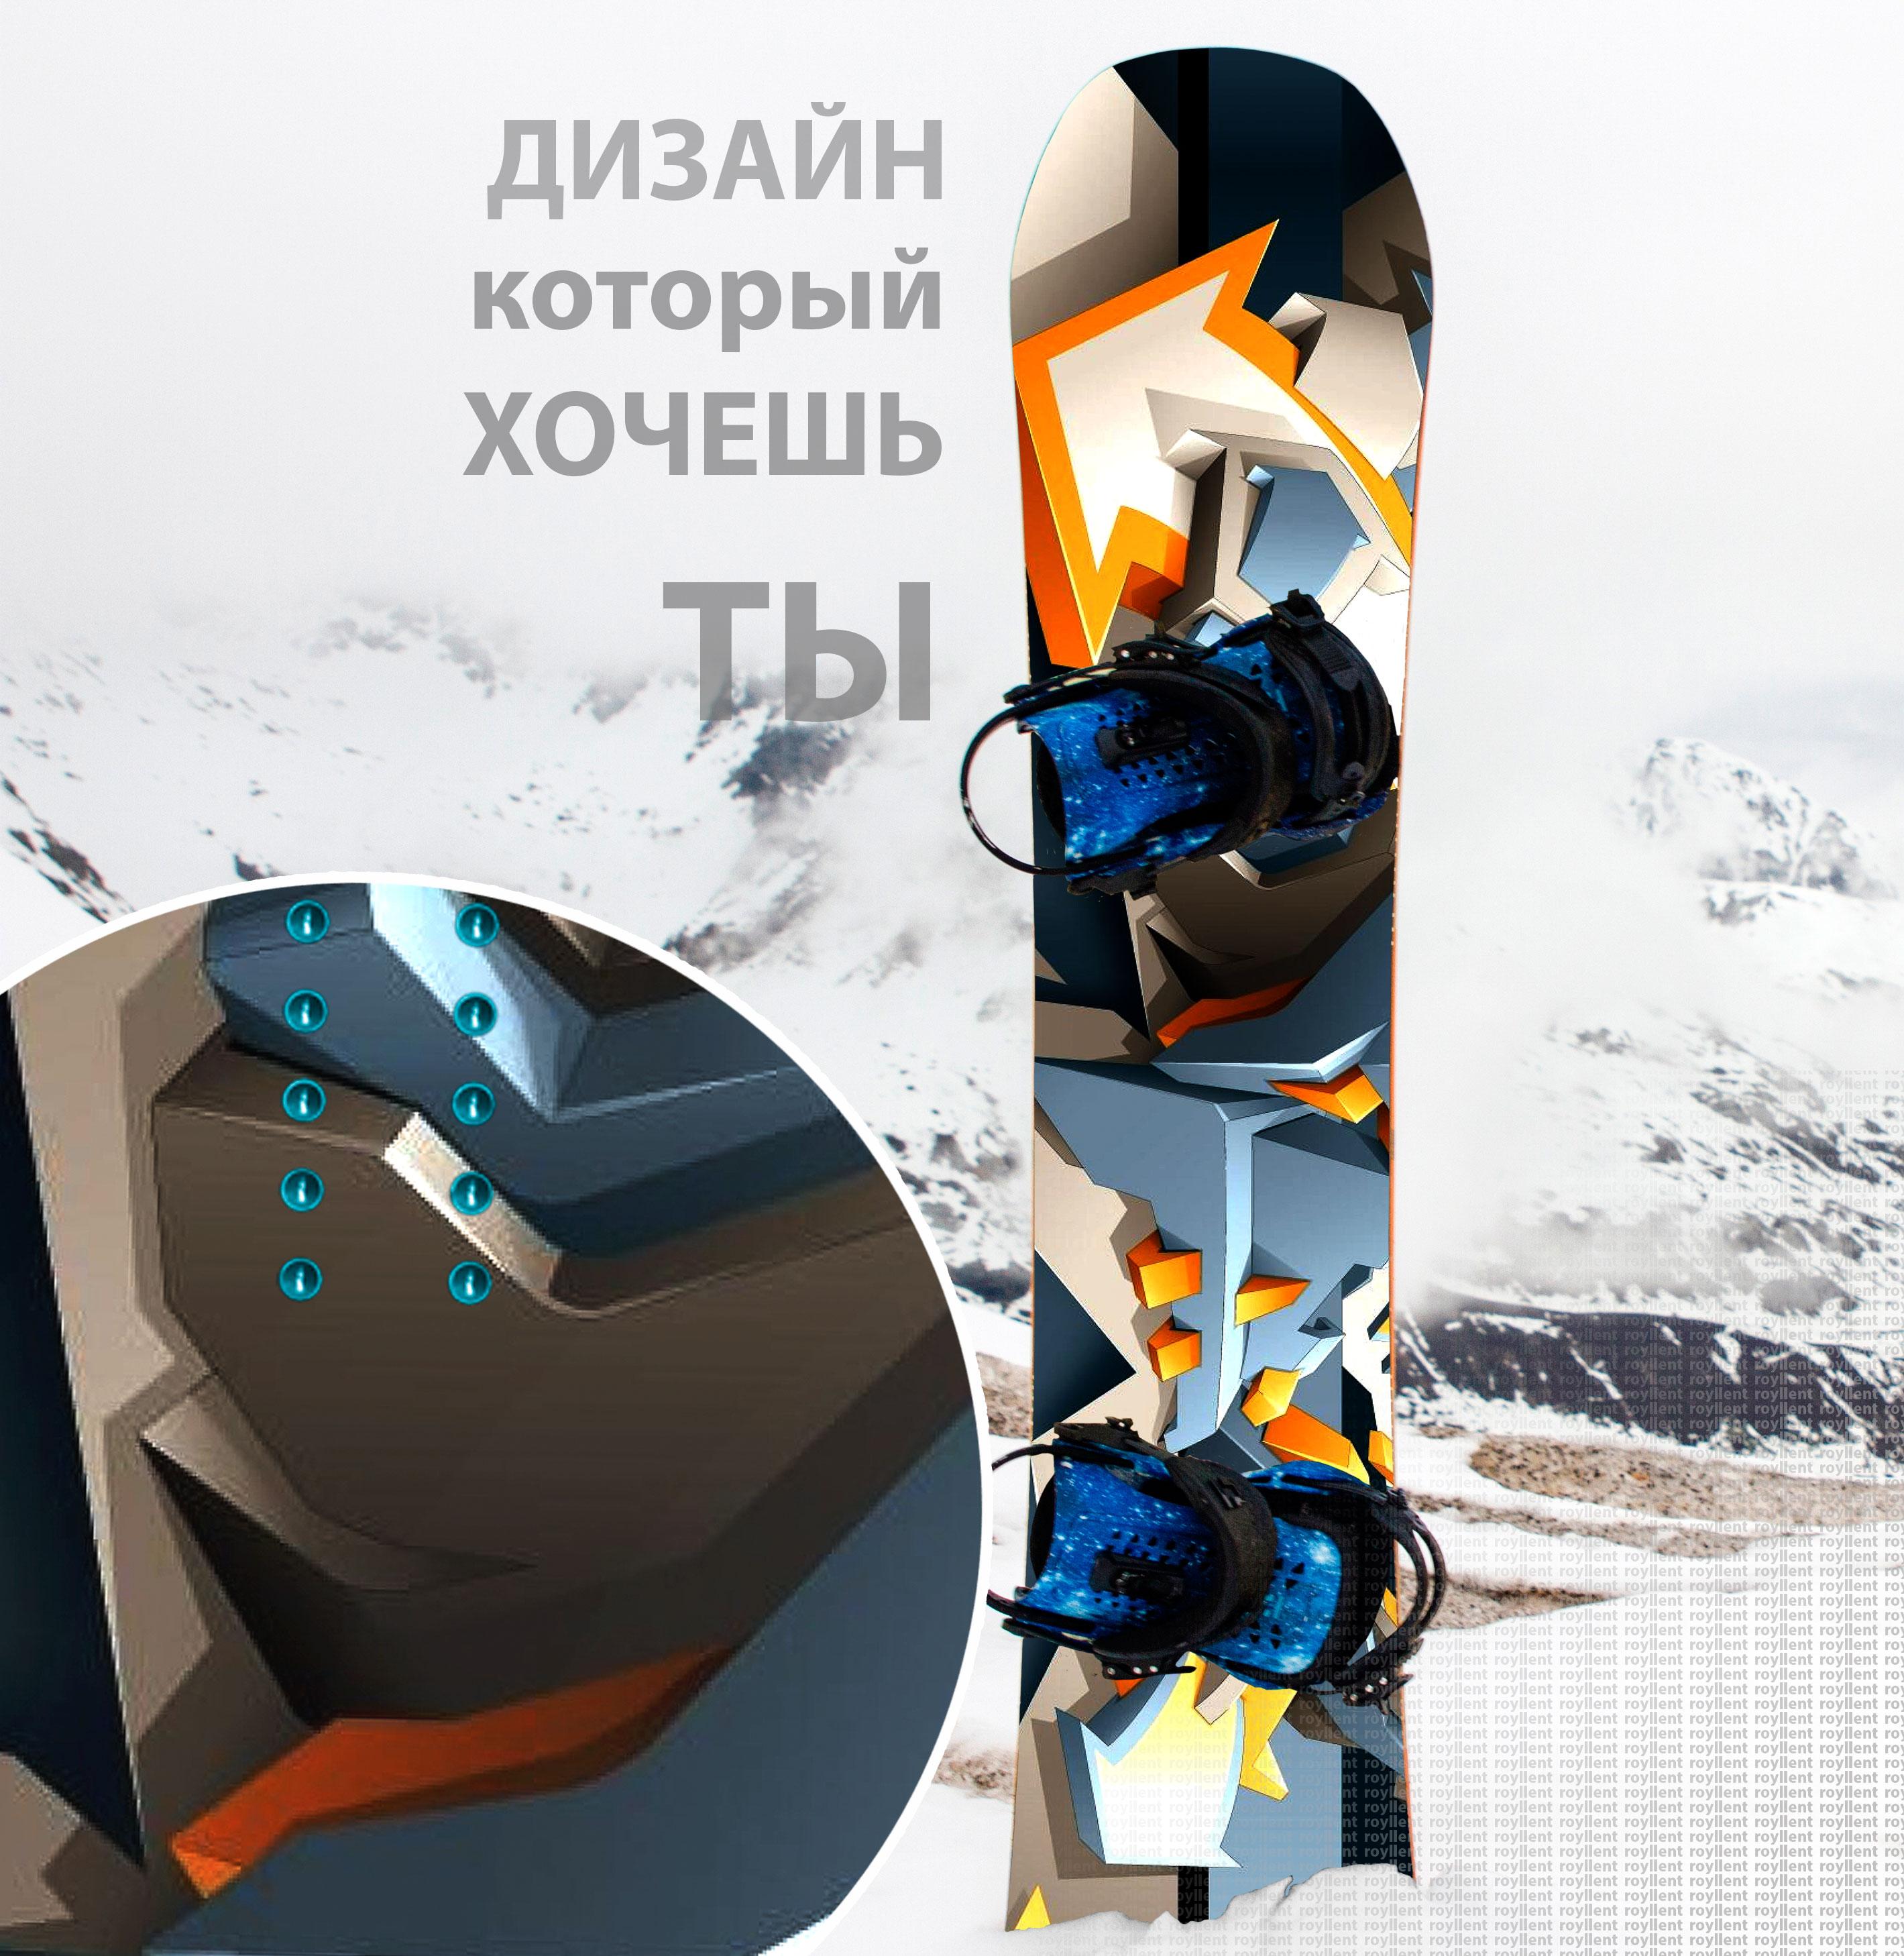 Наклейка в необычном стиле Граффити дизайн в нашем магазине от 450 руб может быть нанесена на сноуборд или лонгборд или другой носитель, даже на ноутбук или холодильник.